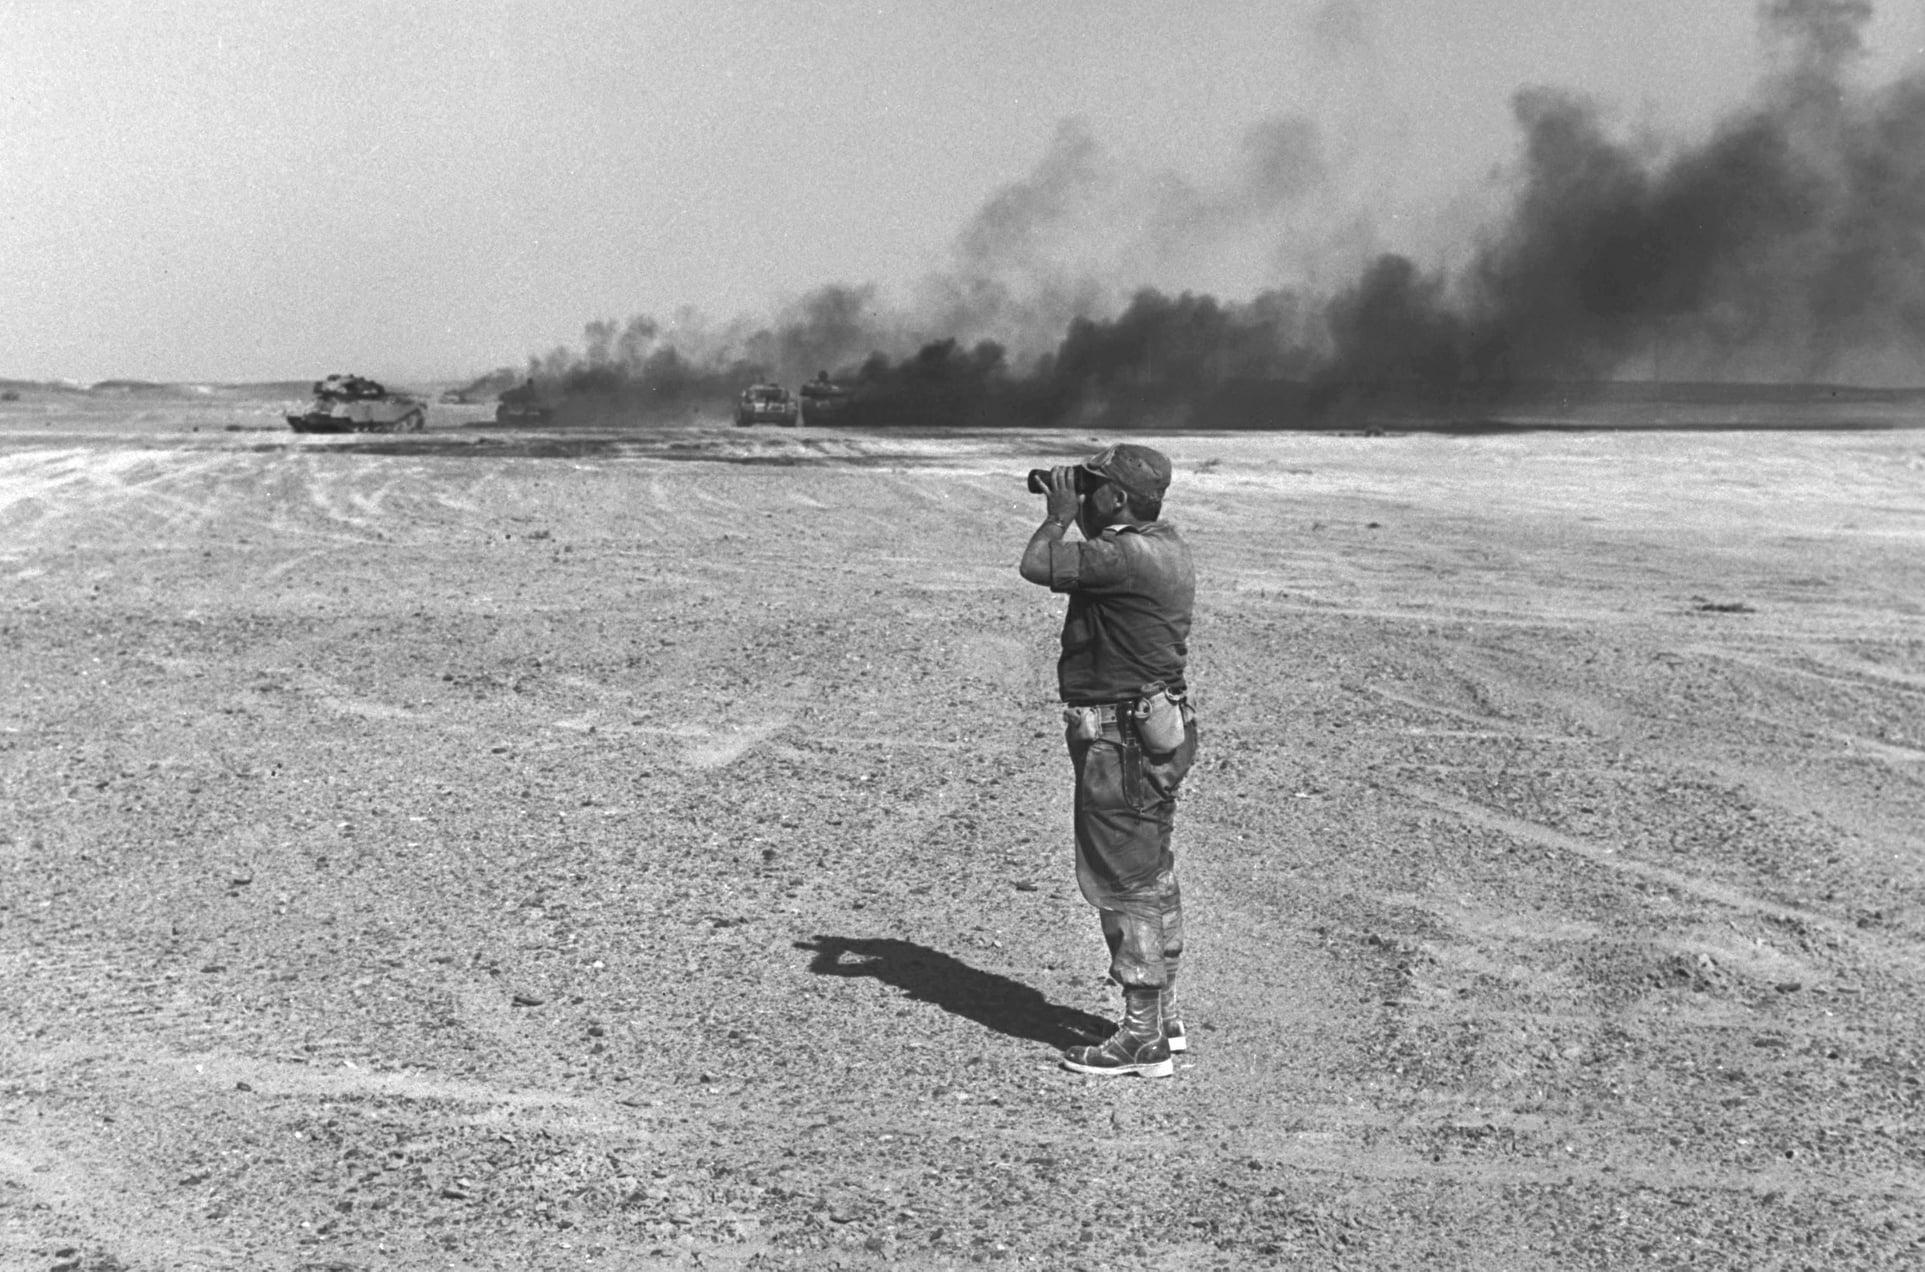 conflicto árabe israelí judío